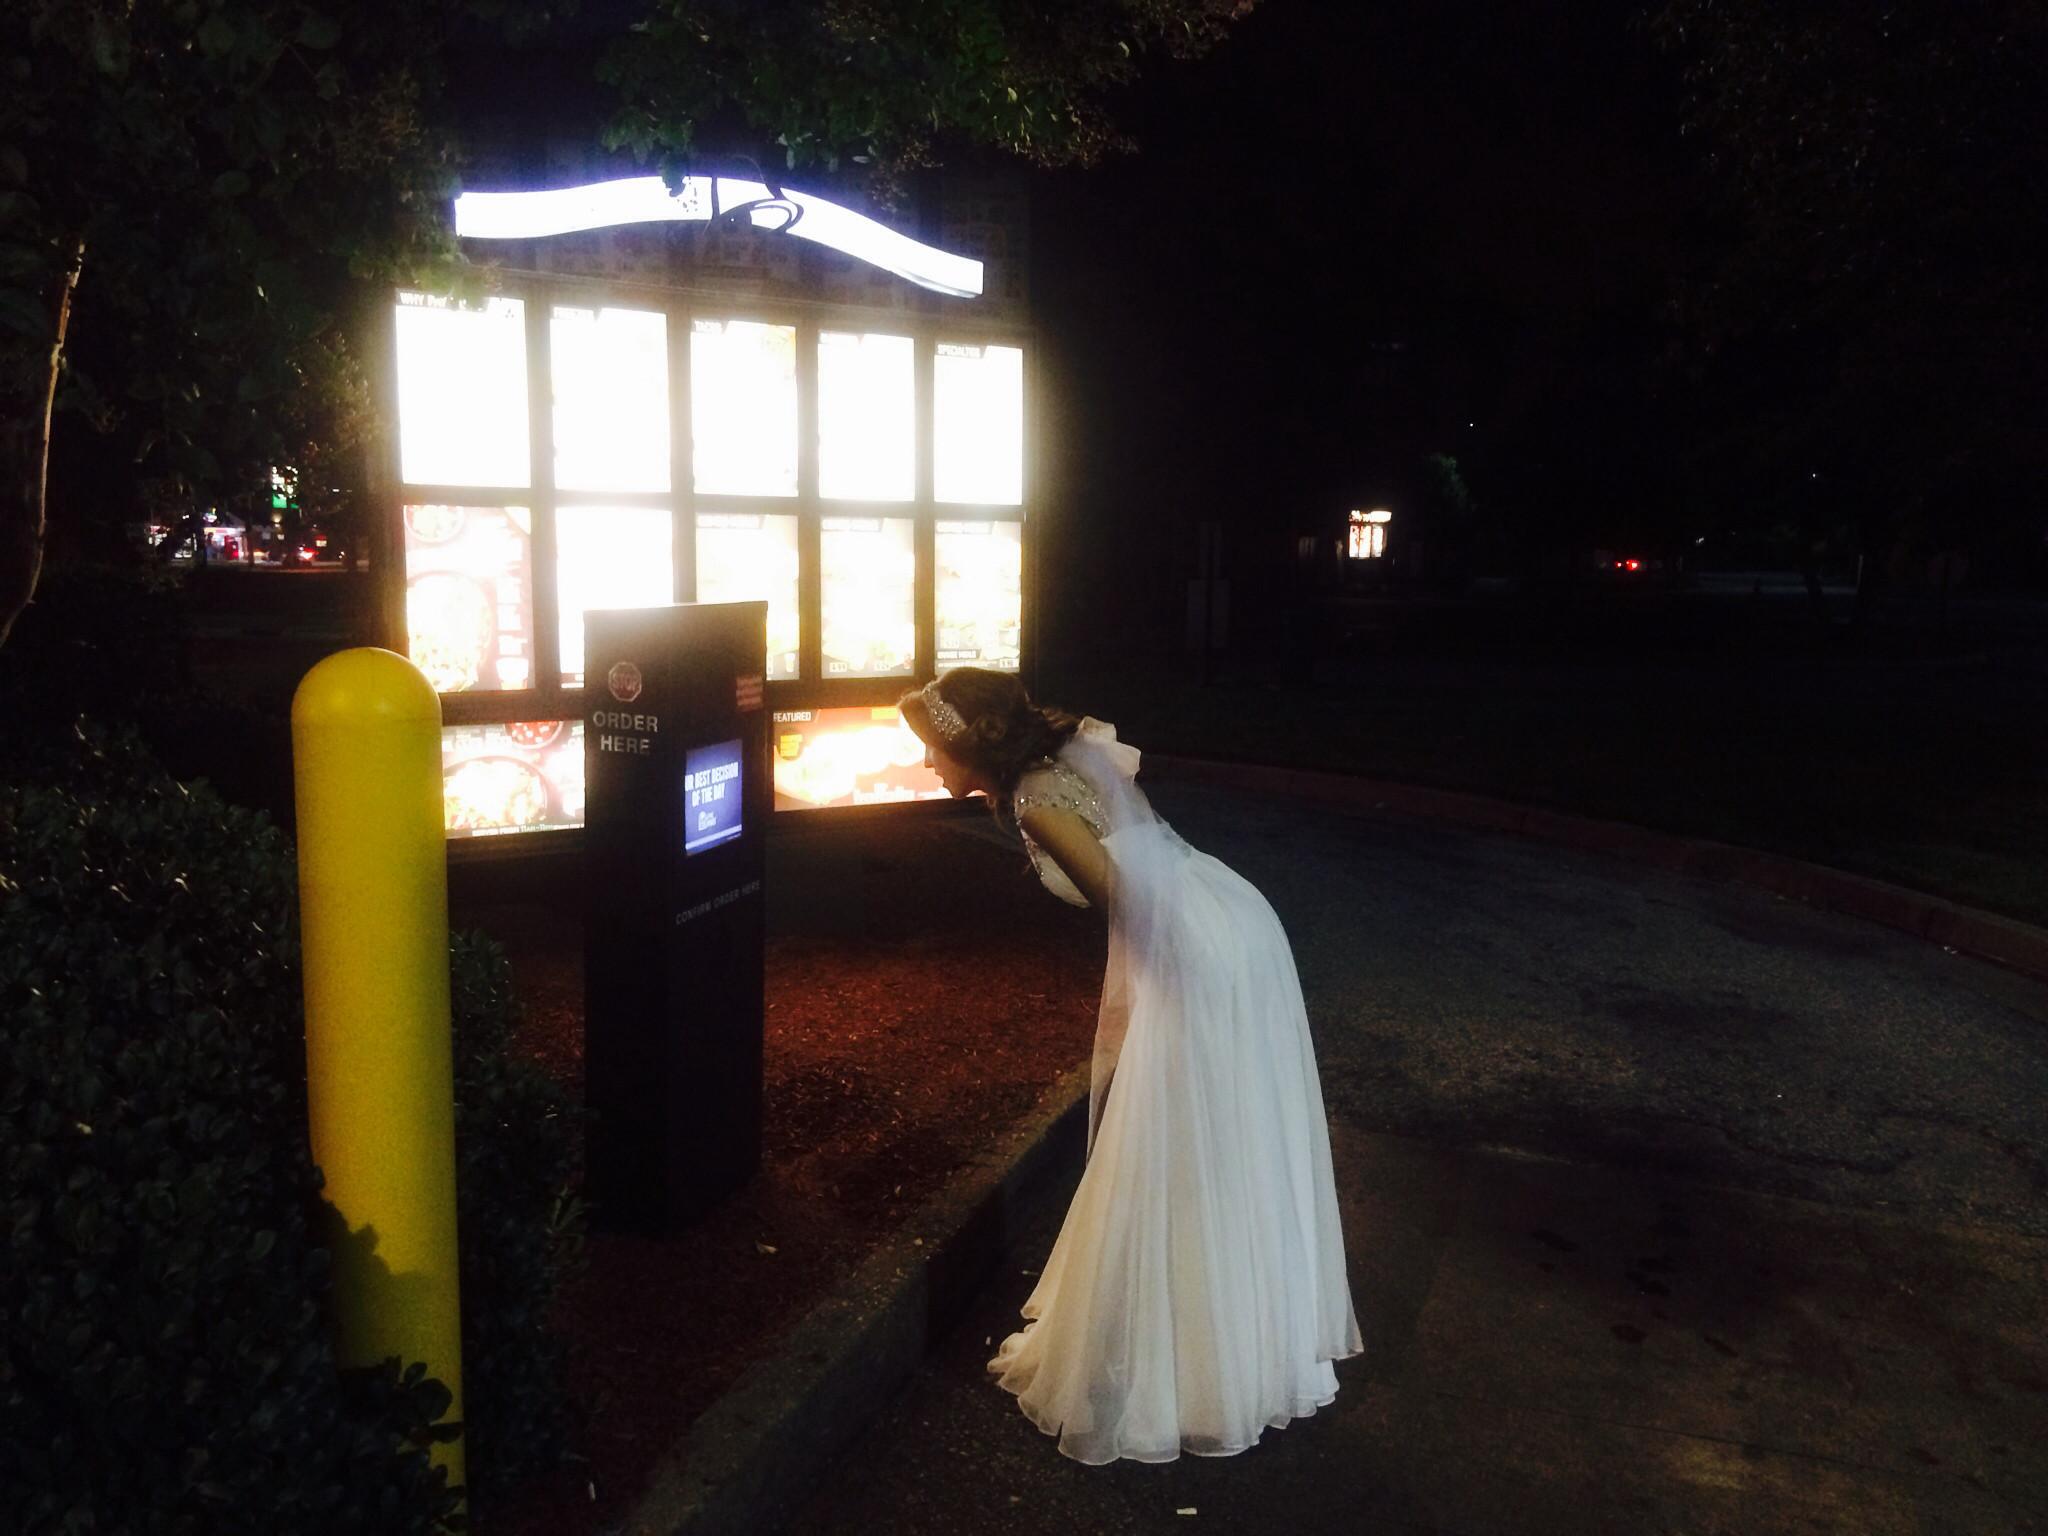 La sposa ubriaca fa impazzire il web: ordina cibo spazzatura con un vestito da favola